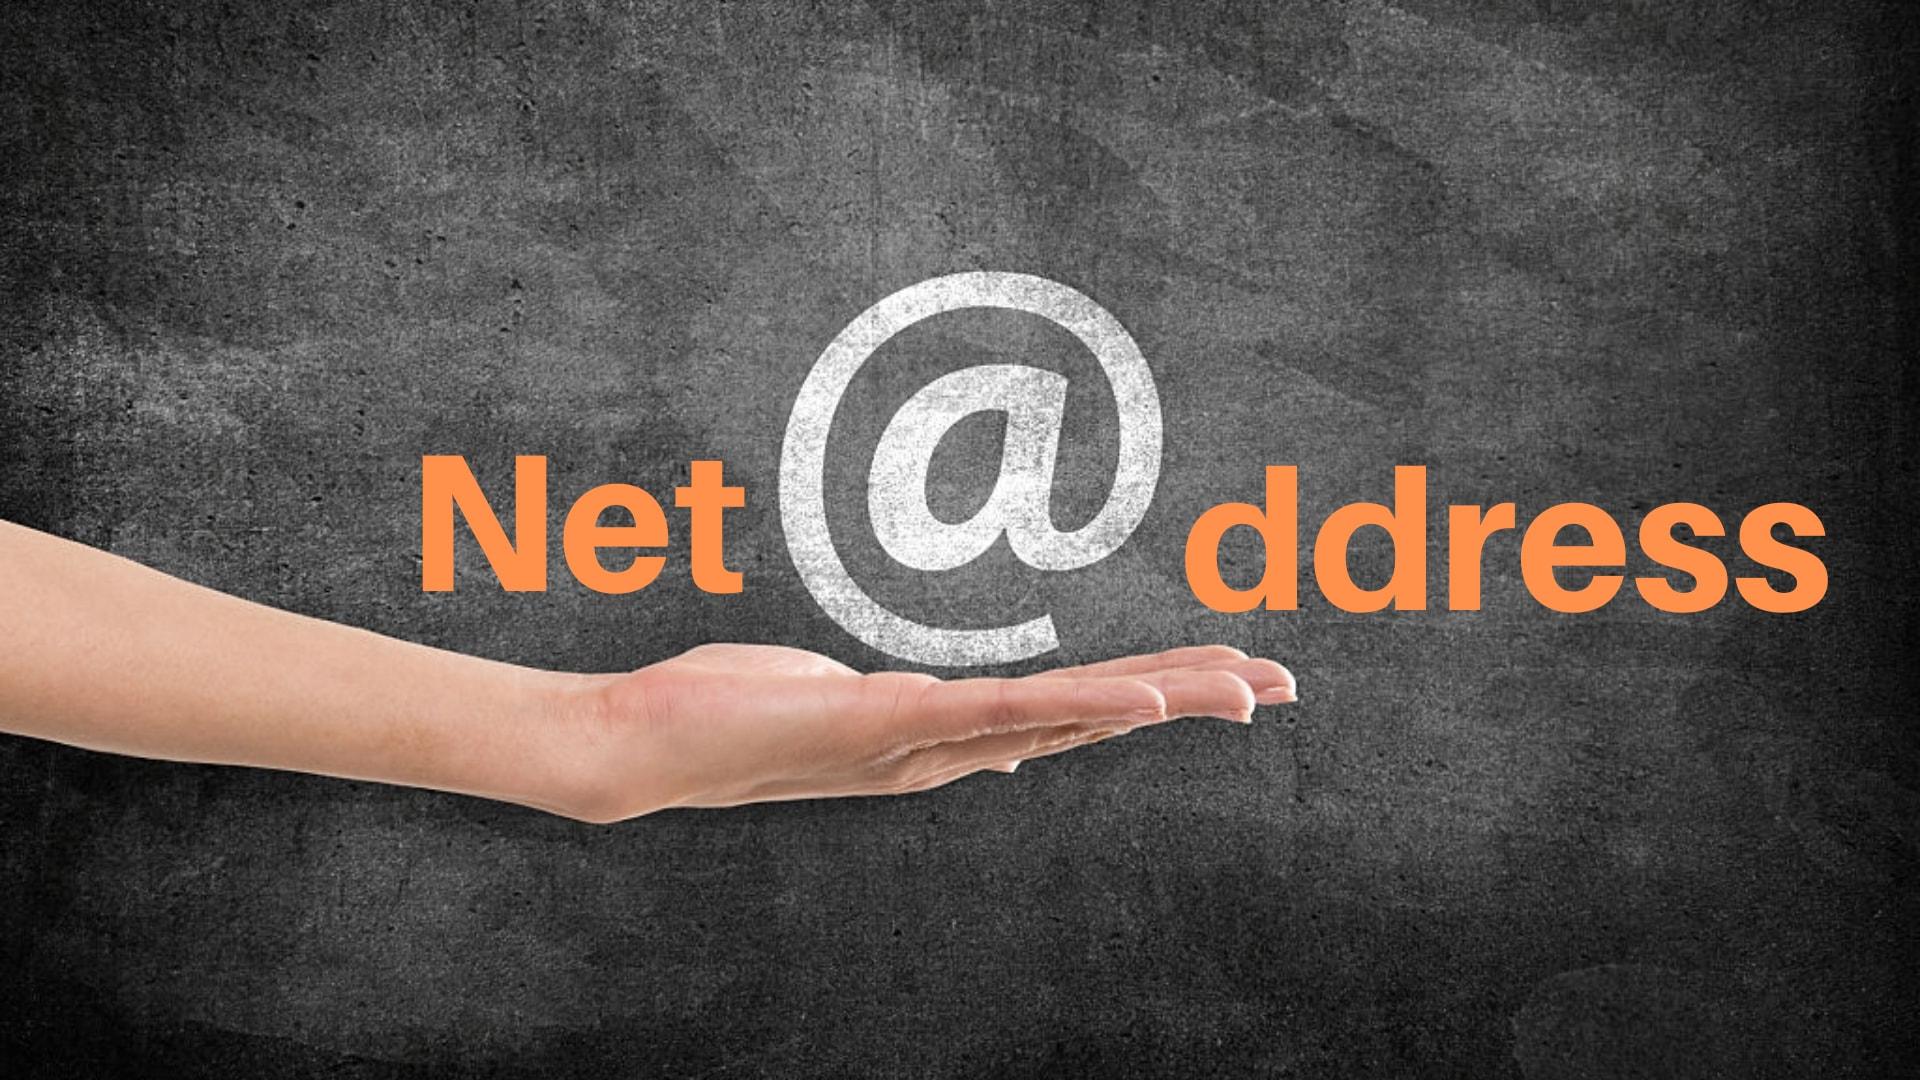 netaddress - Netaddress A to Z Useful Information [May 2020 Update]